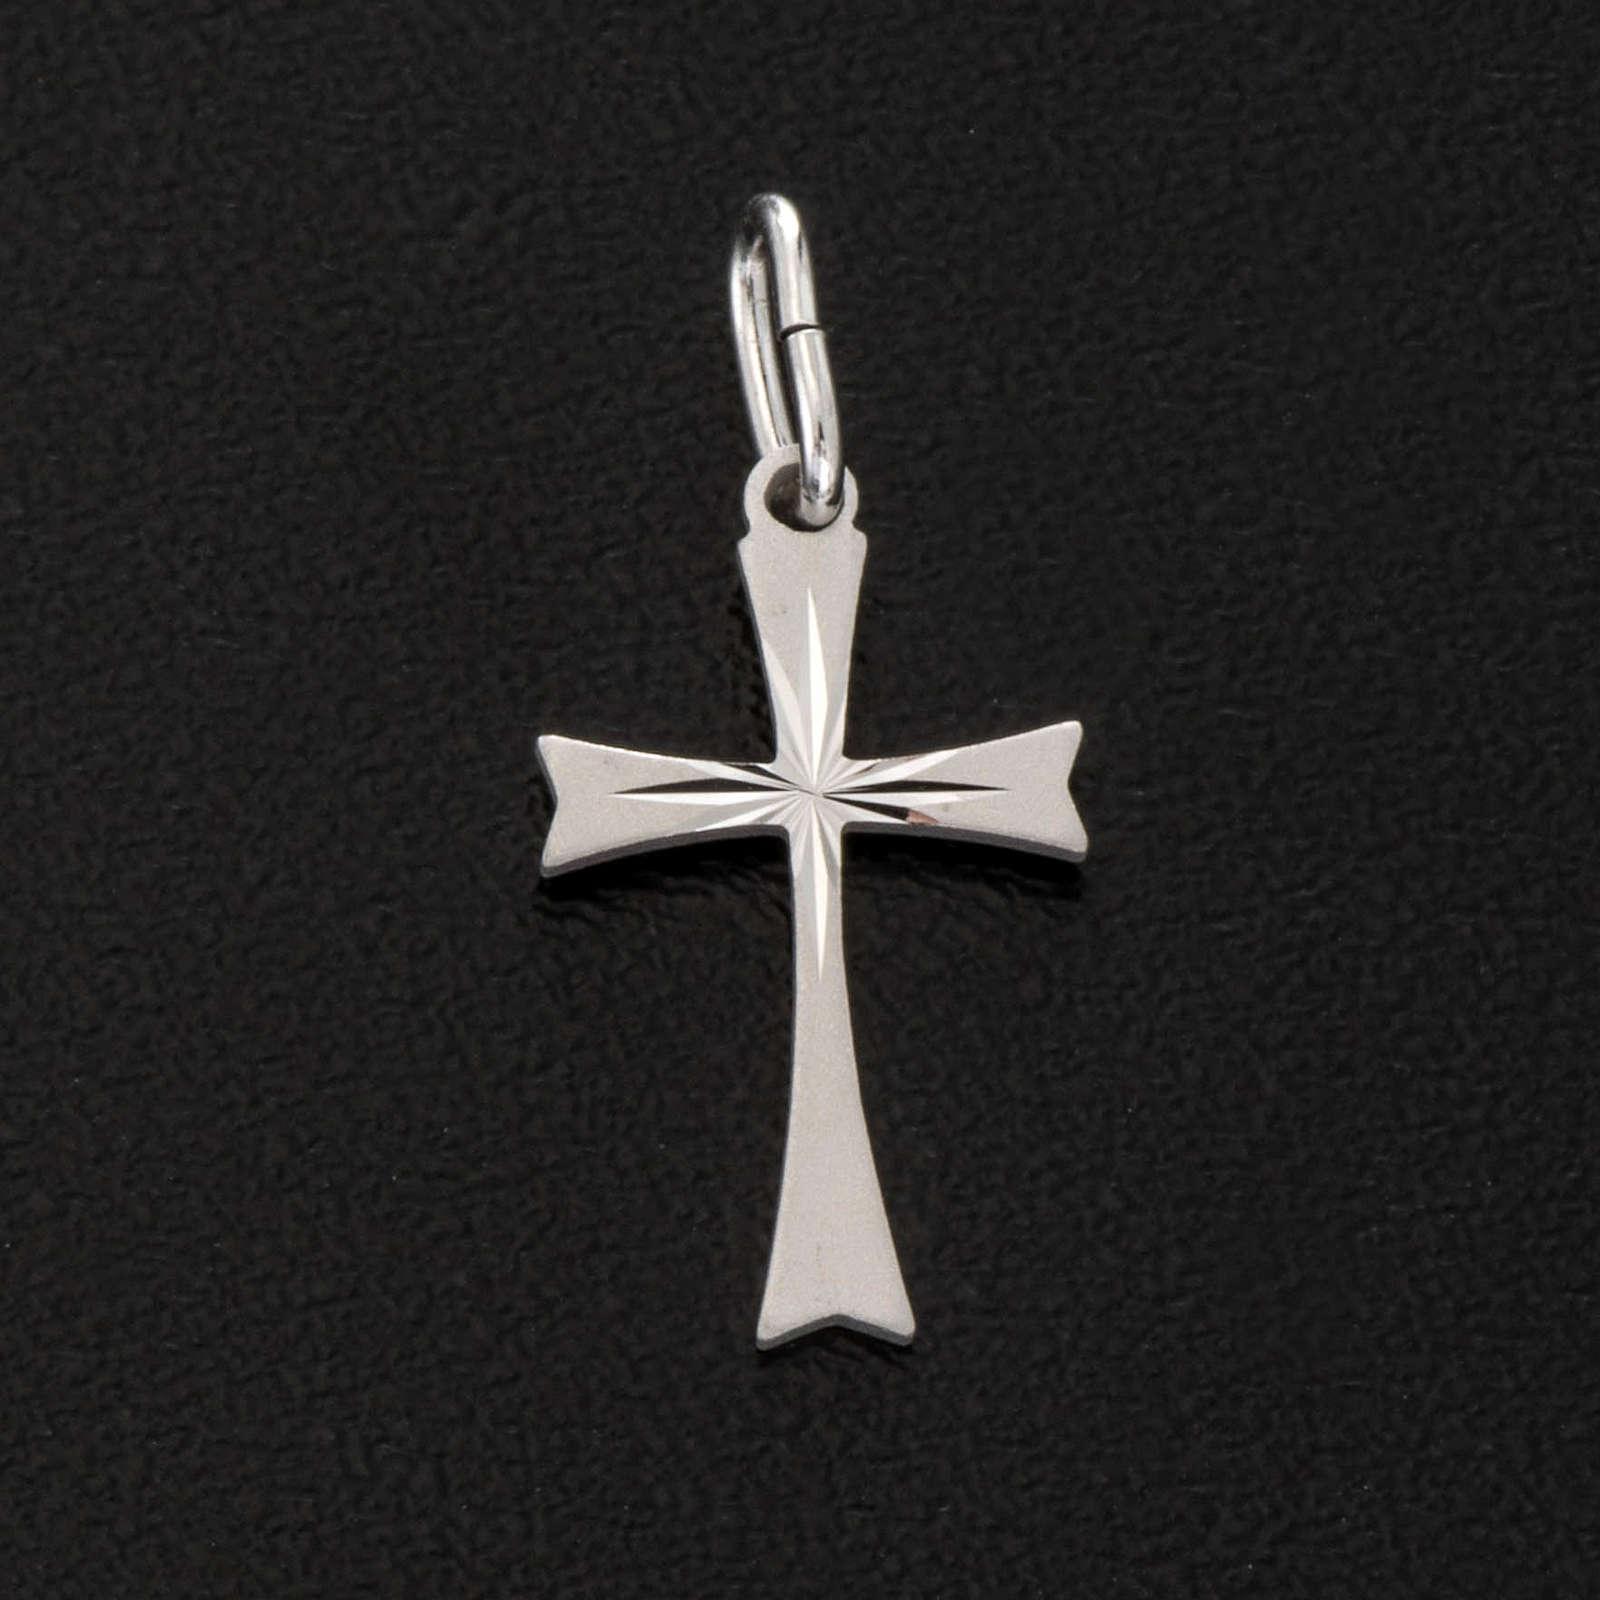 Cruz de plata 925 satinado de 2cm de alto 4